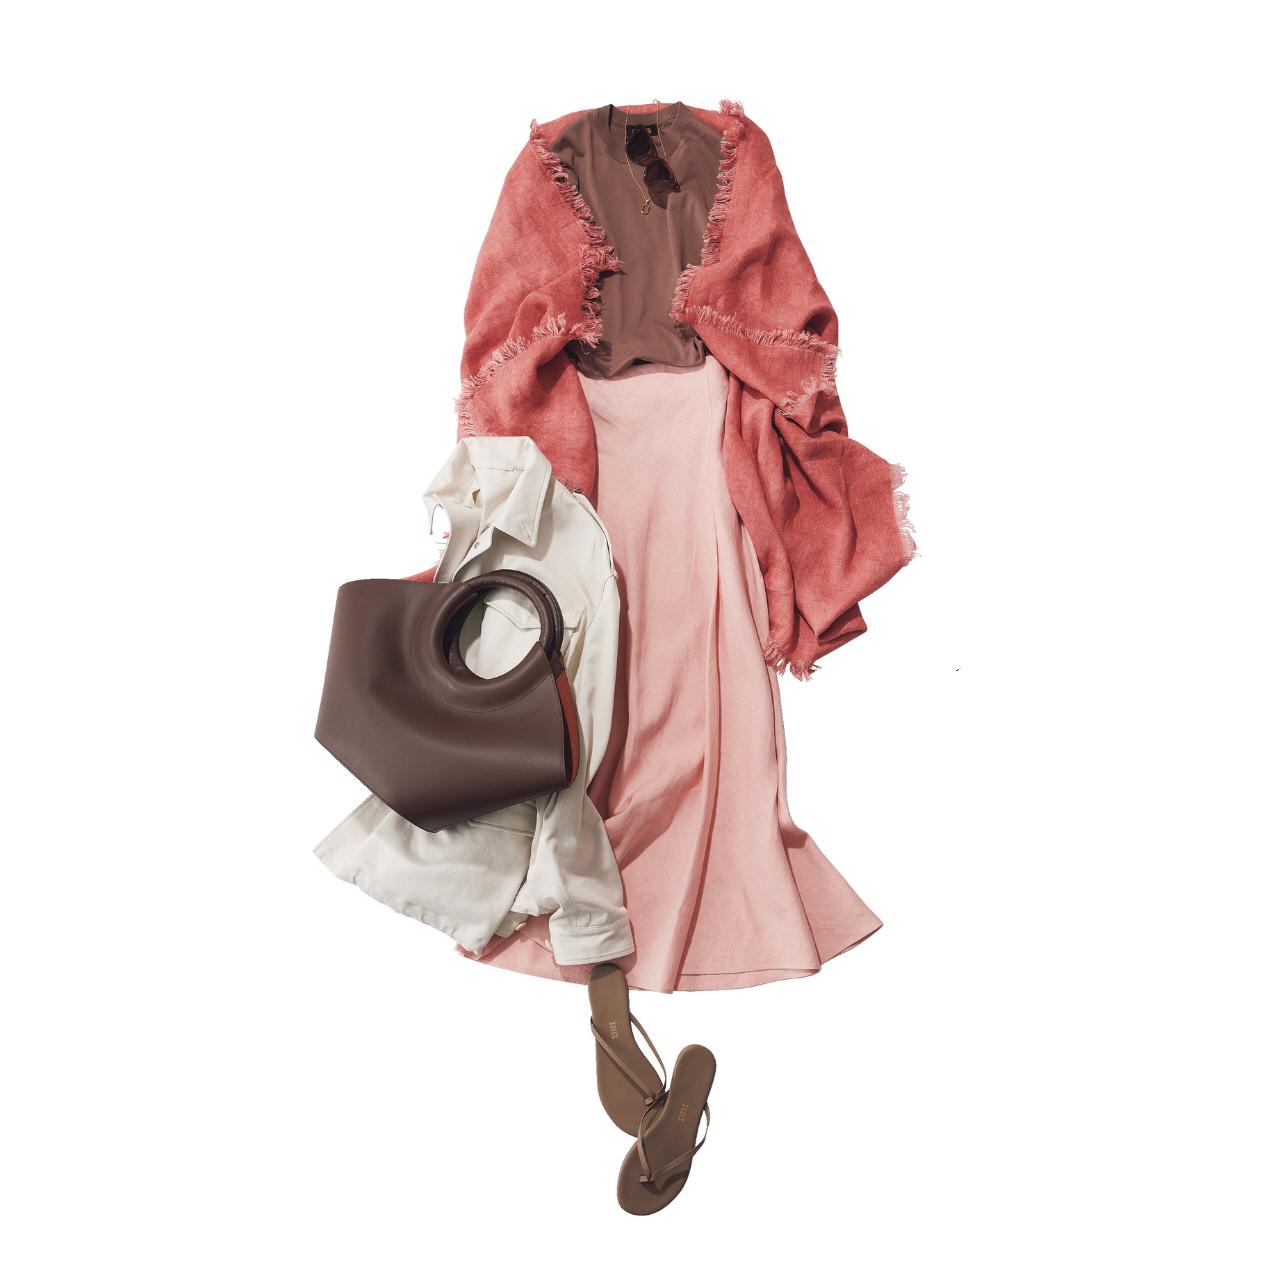 【大人のためのビーサン】アラフォーのカジュアルコーデに似合うビーサンのあわせ方&選び方|40代ファッション_1_2